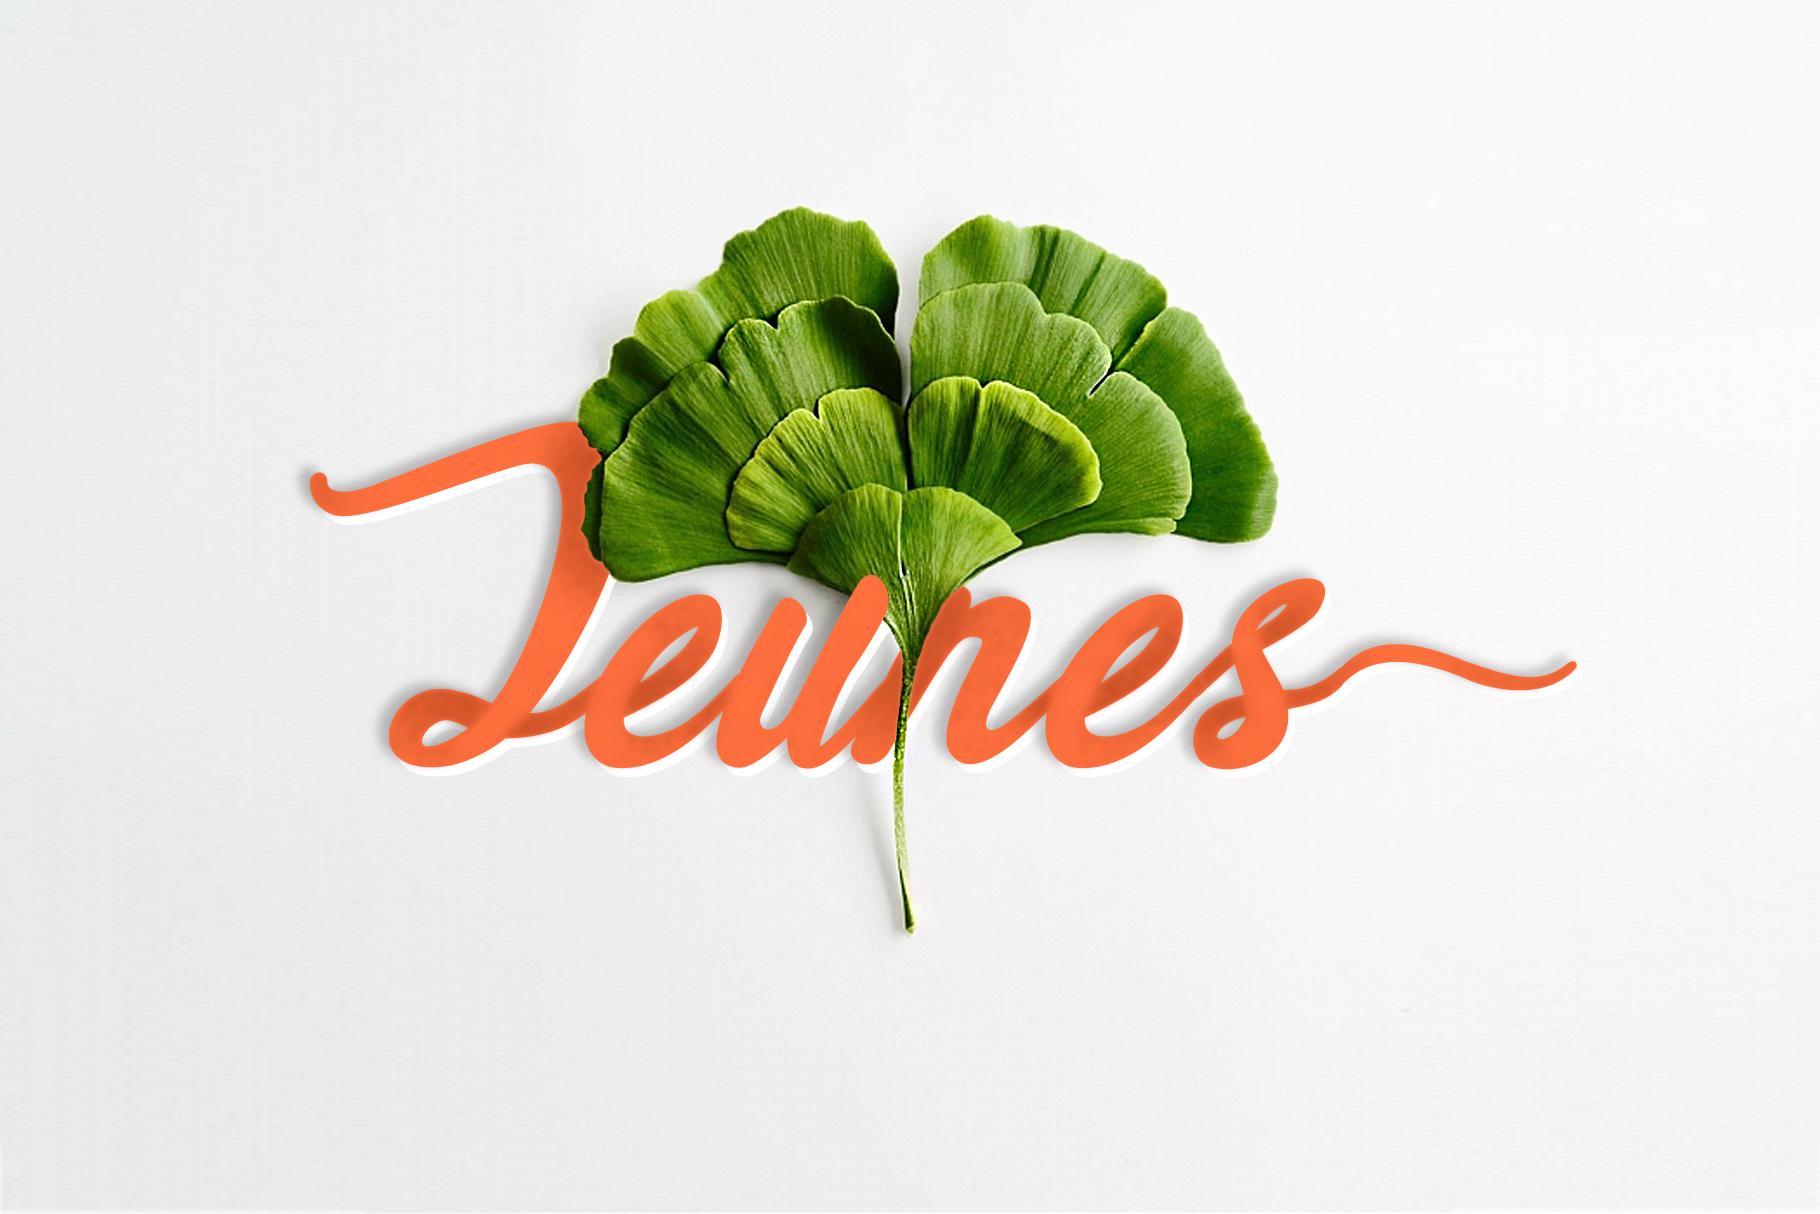 Jeunes example image 1